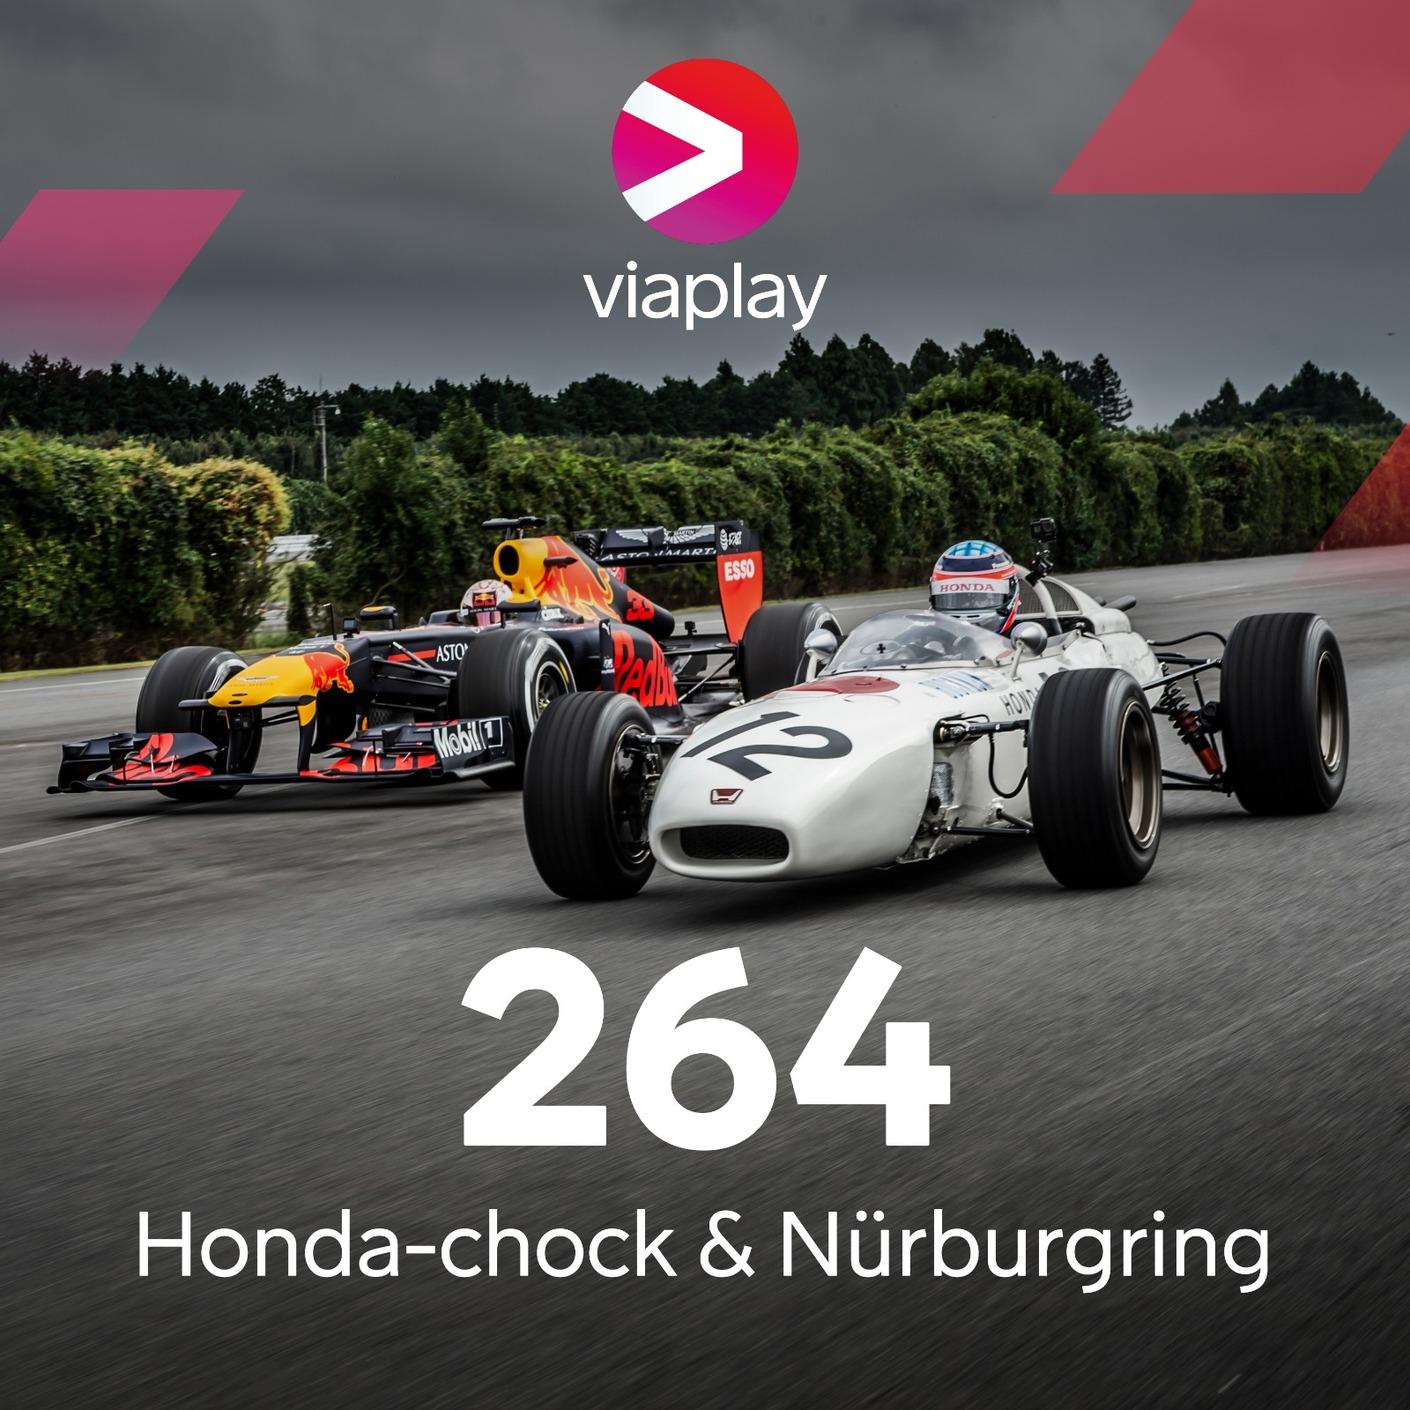 264. Honda-chock & Nürburgring